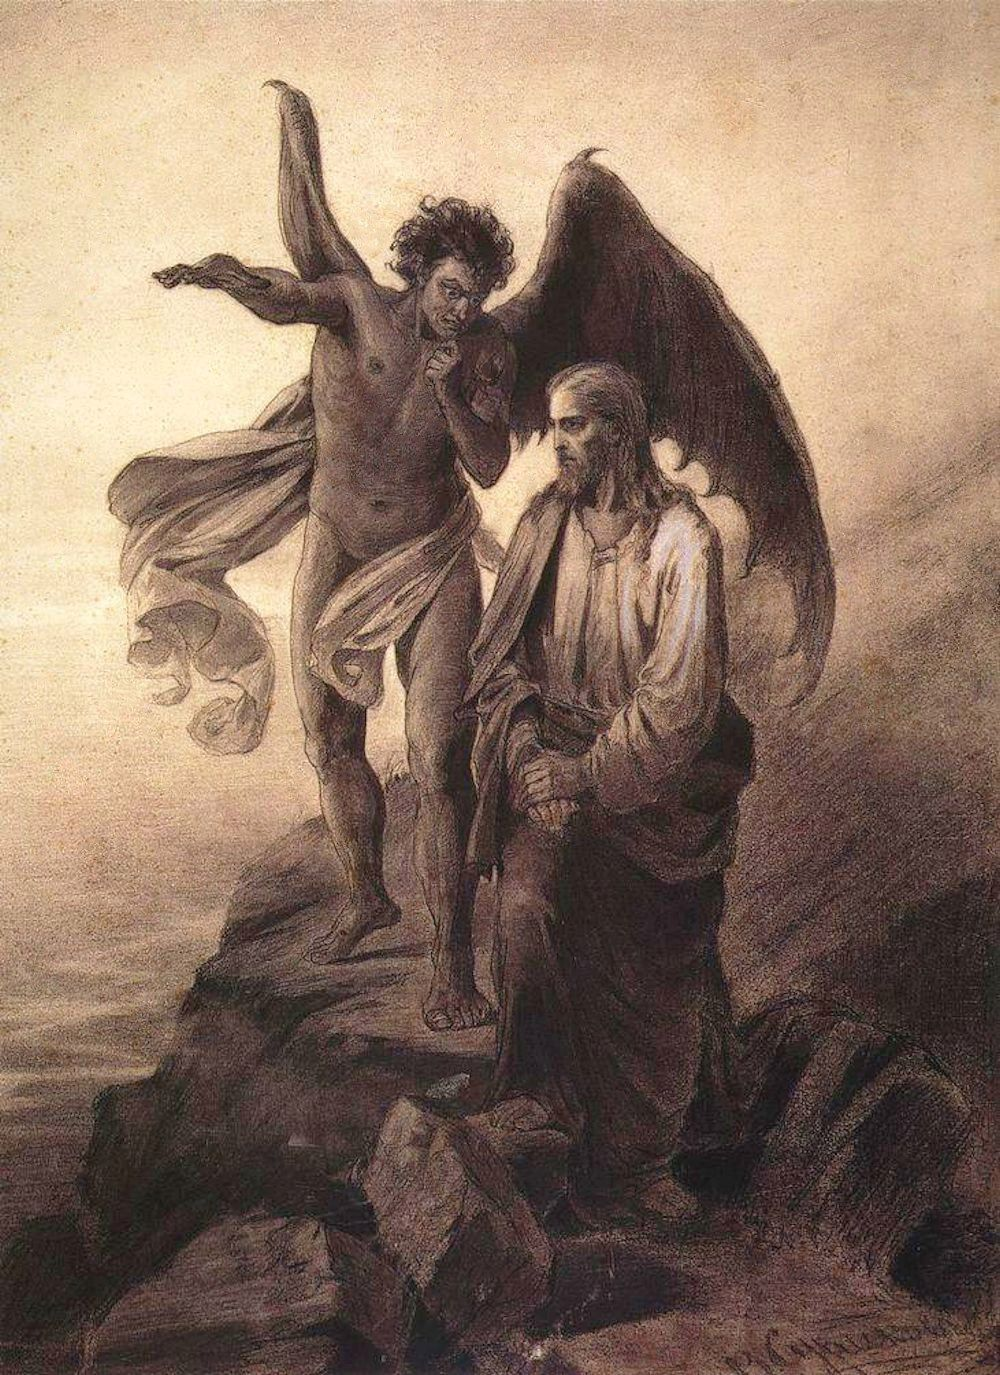 Tentación de Cristo. Vasily Surikov, 1872. http://iglesiadesatan.com/